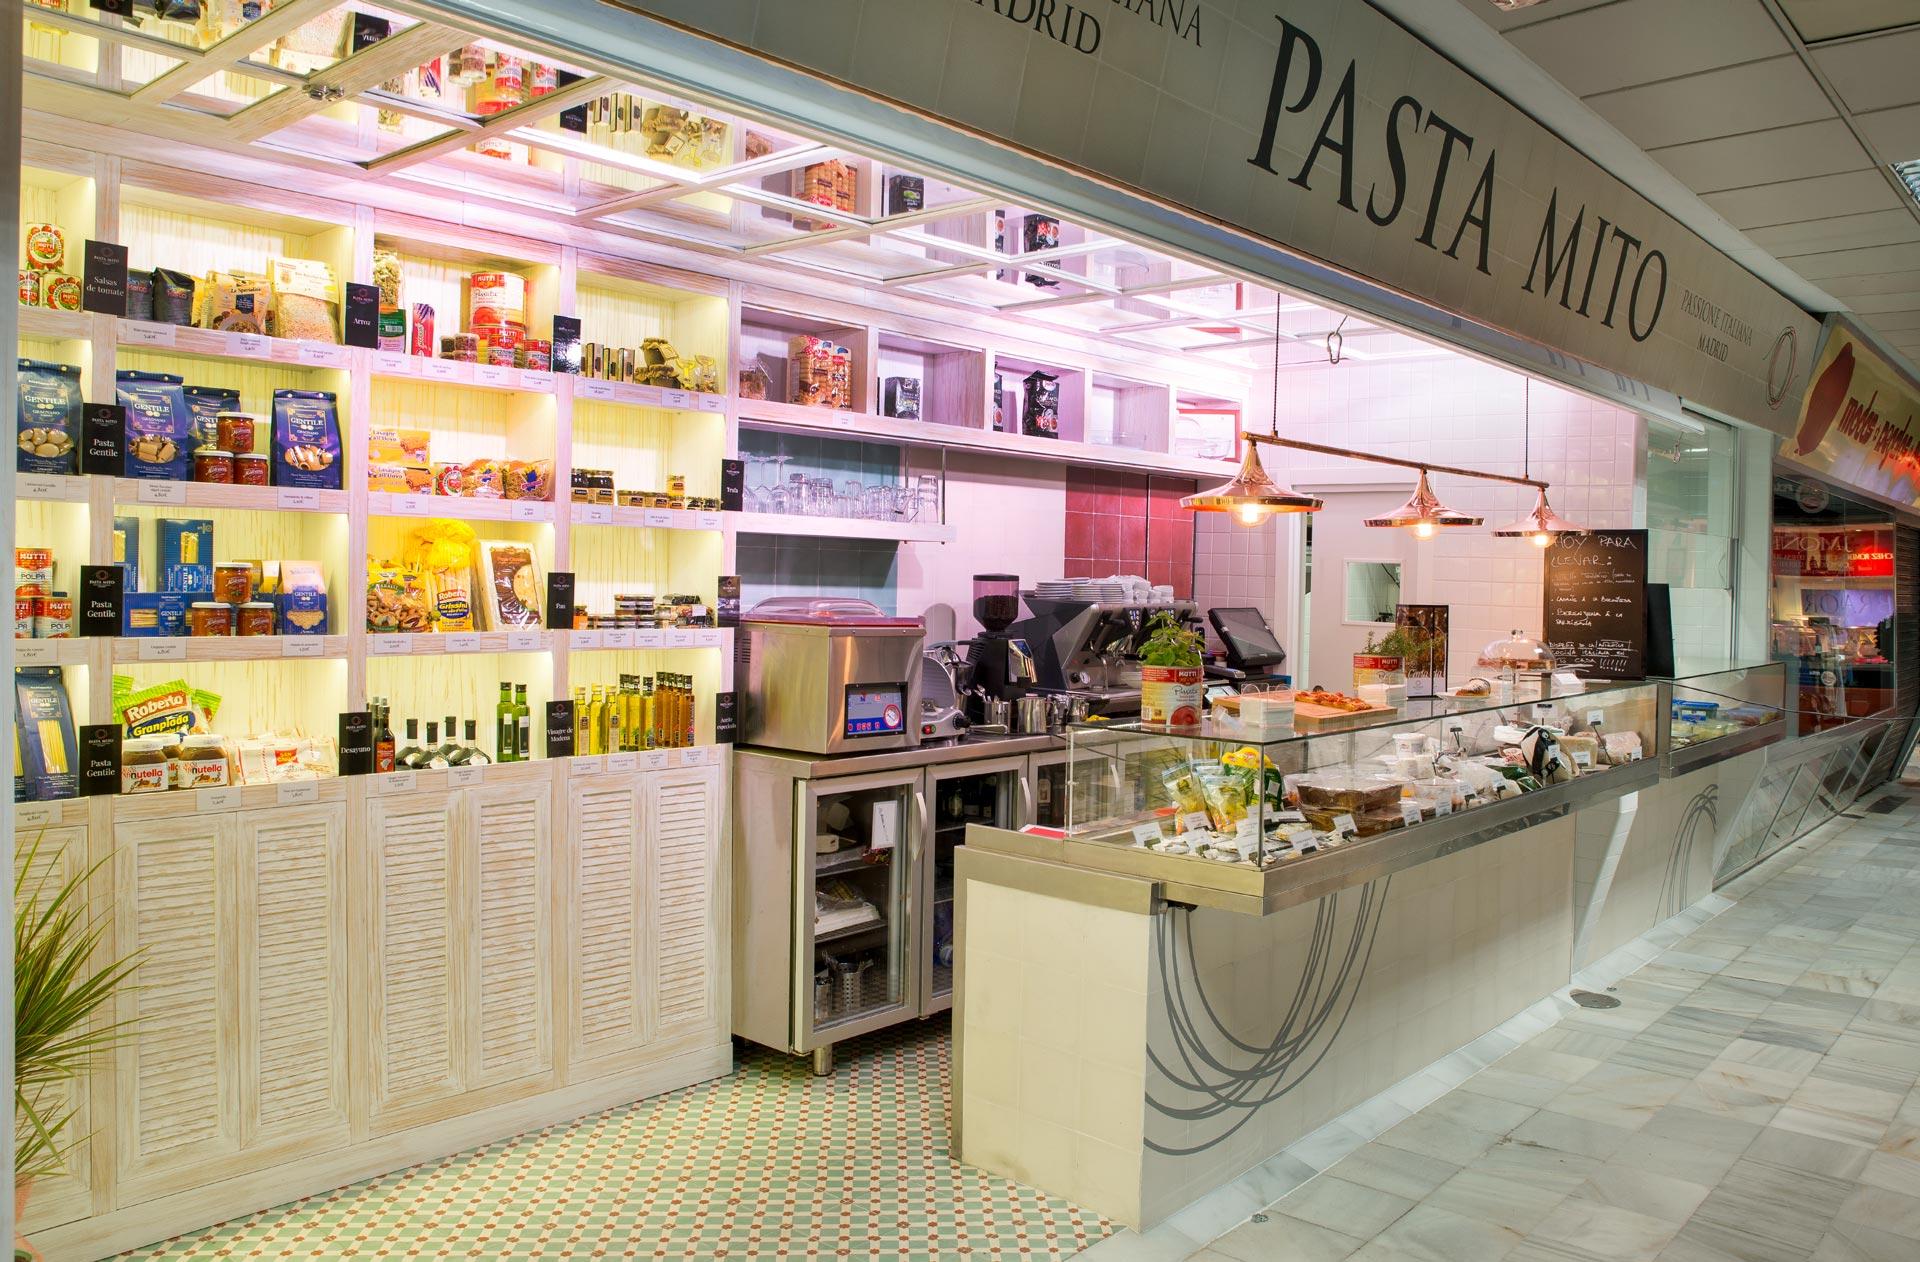 Pasta-Mito-el_restaurante